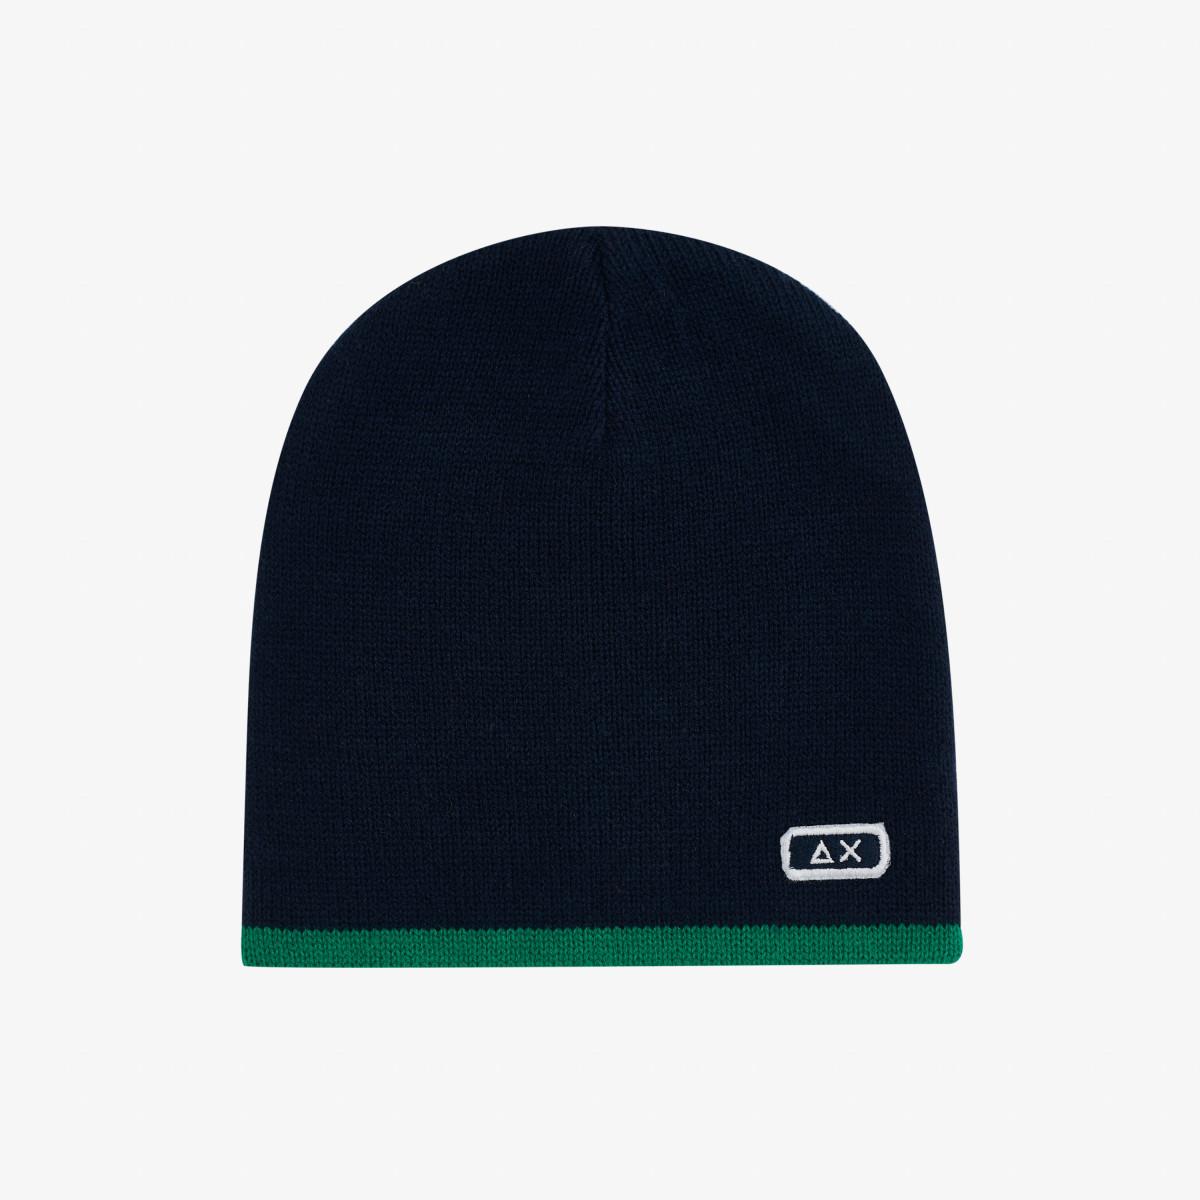 BOY'S CAP BASIC NAVY BLUE